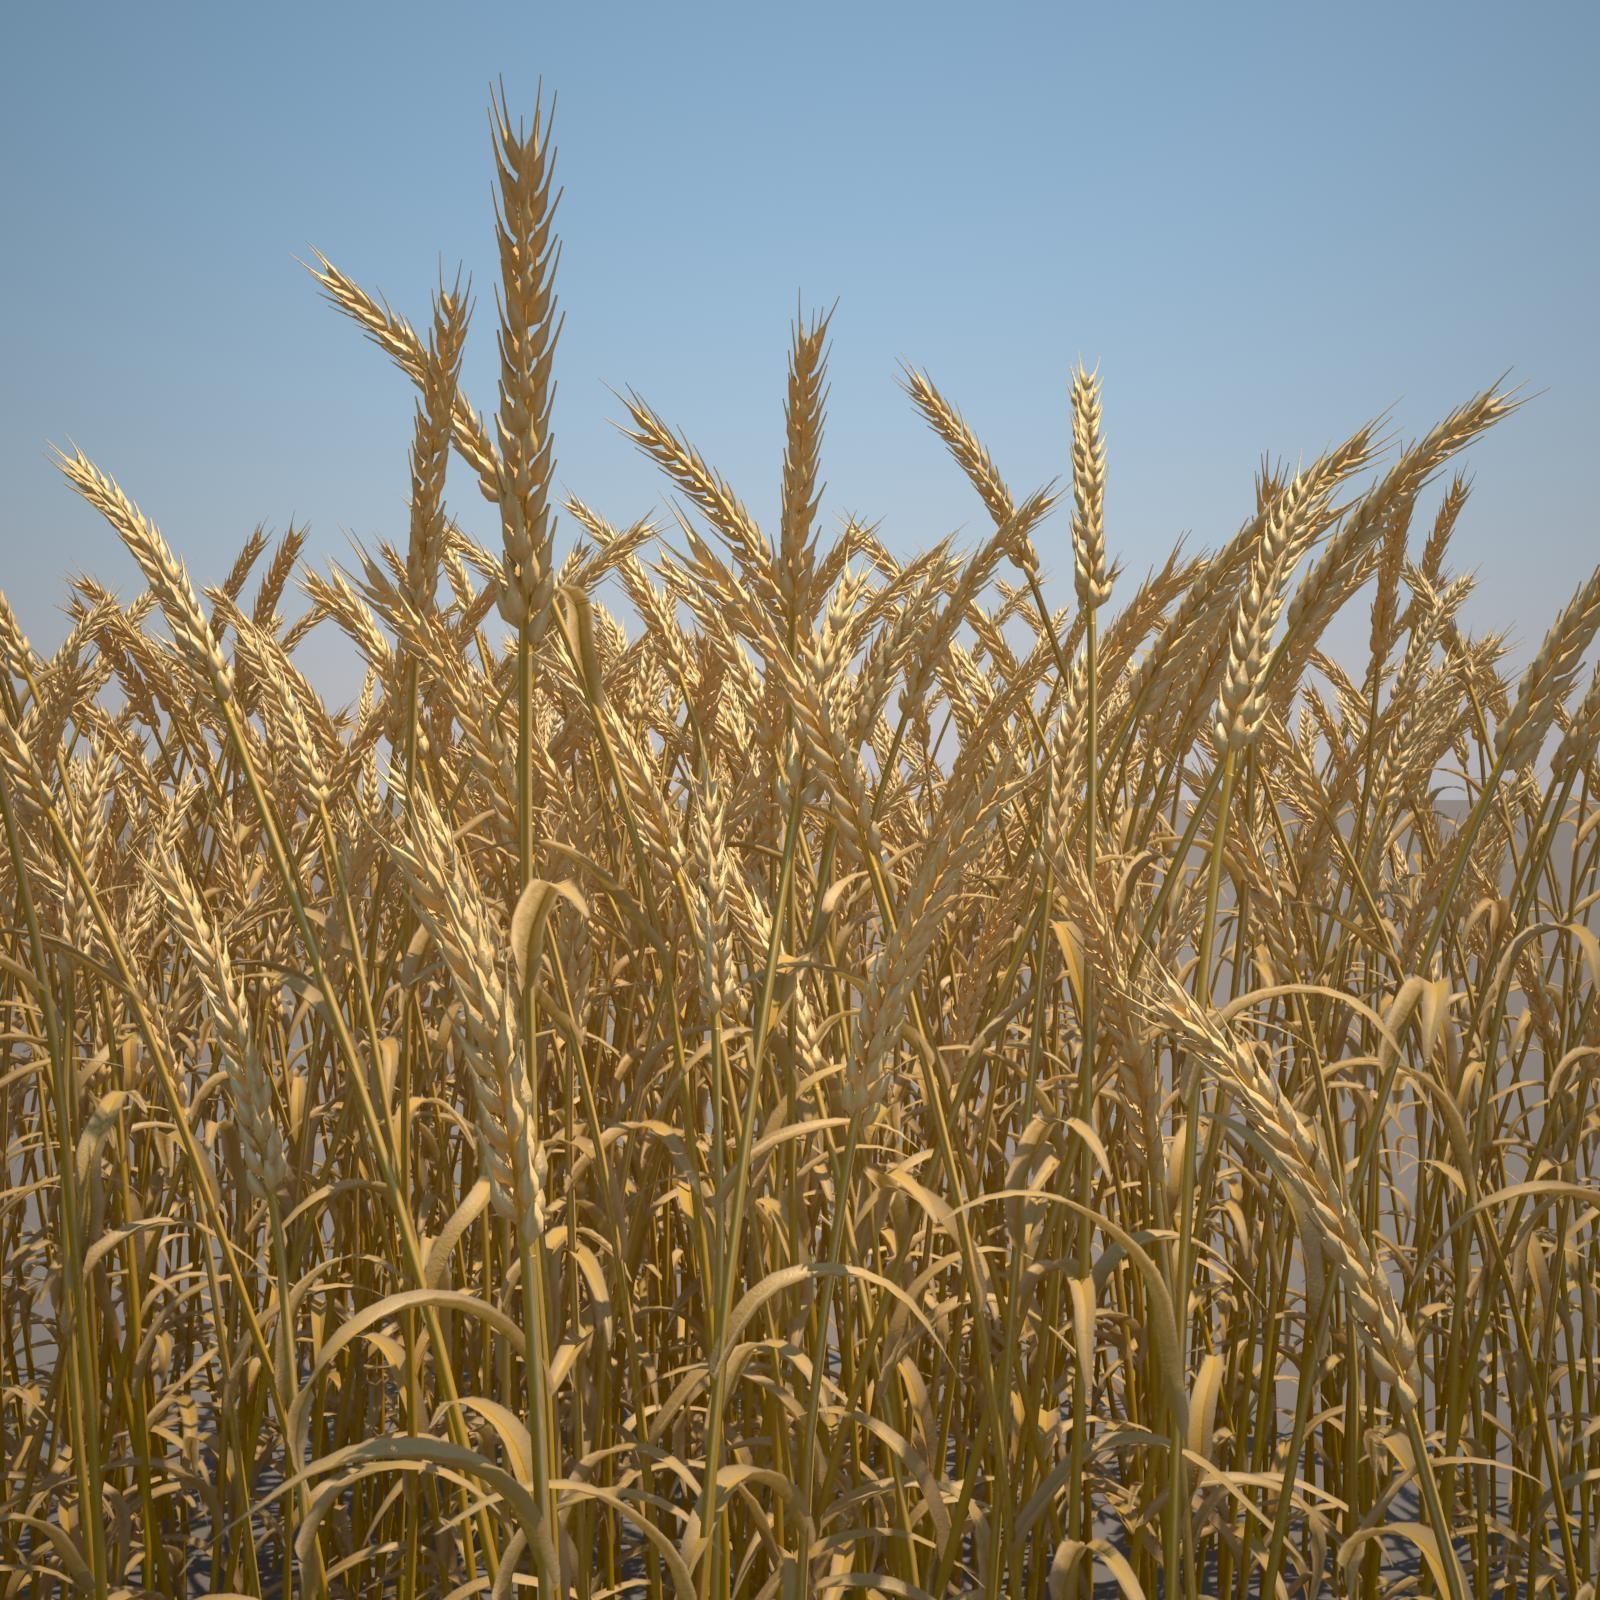 Common_Wheat_001_mature_mat.jpg